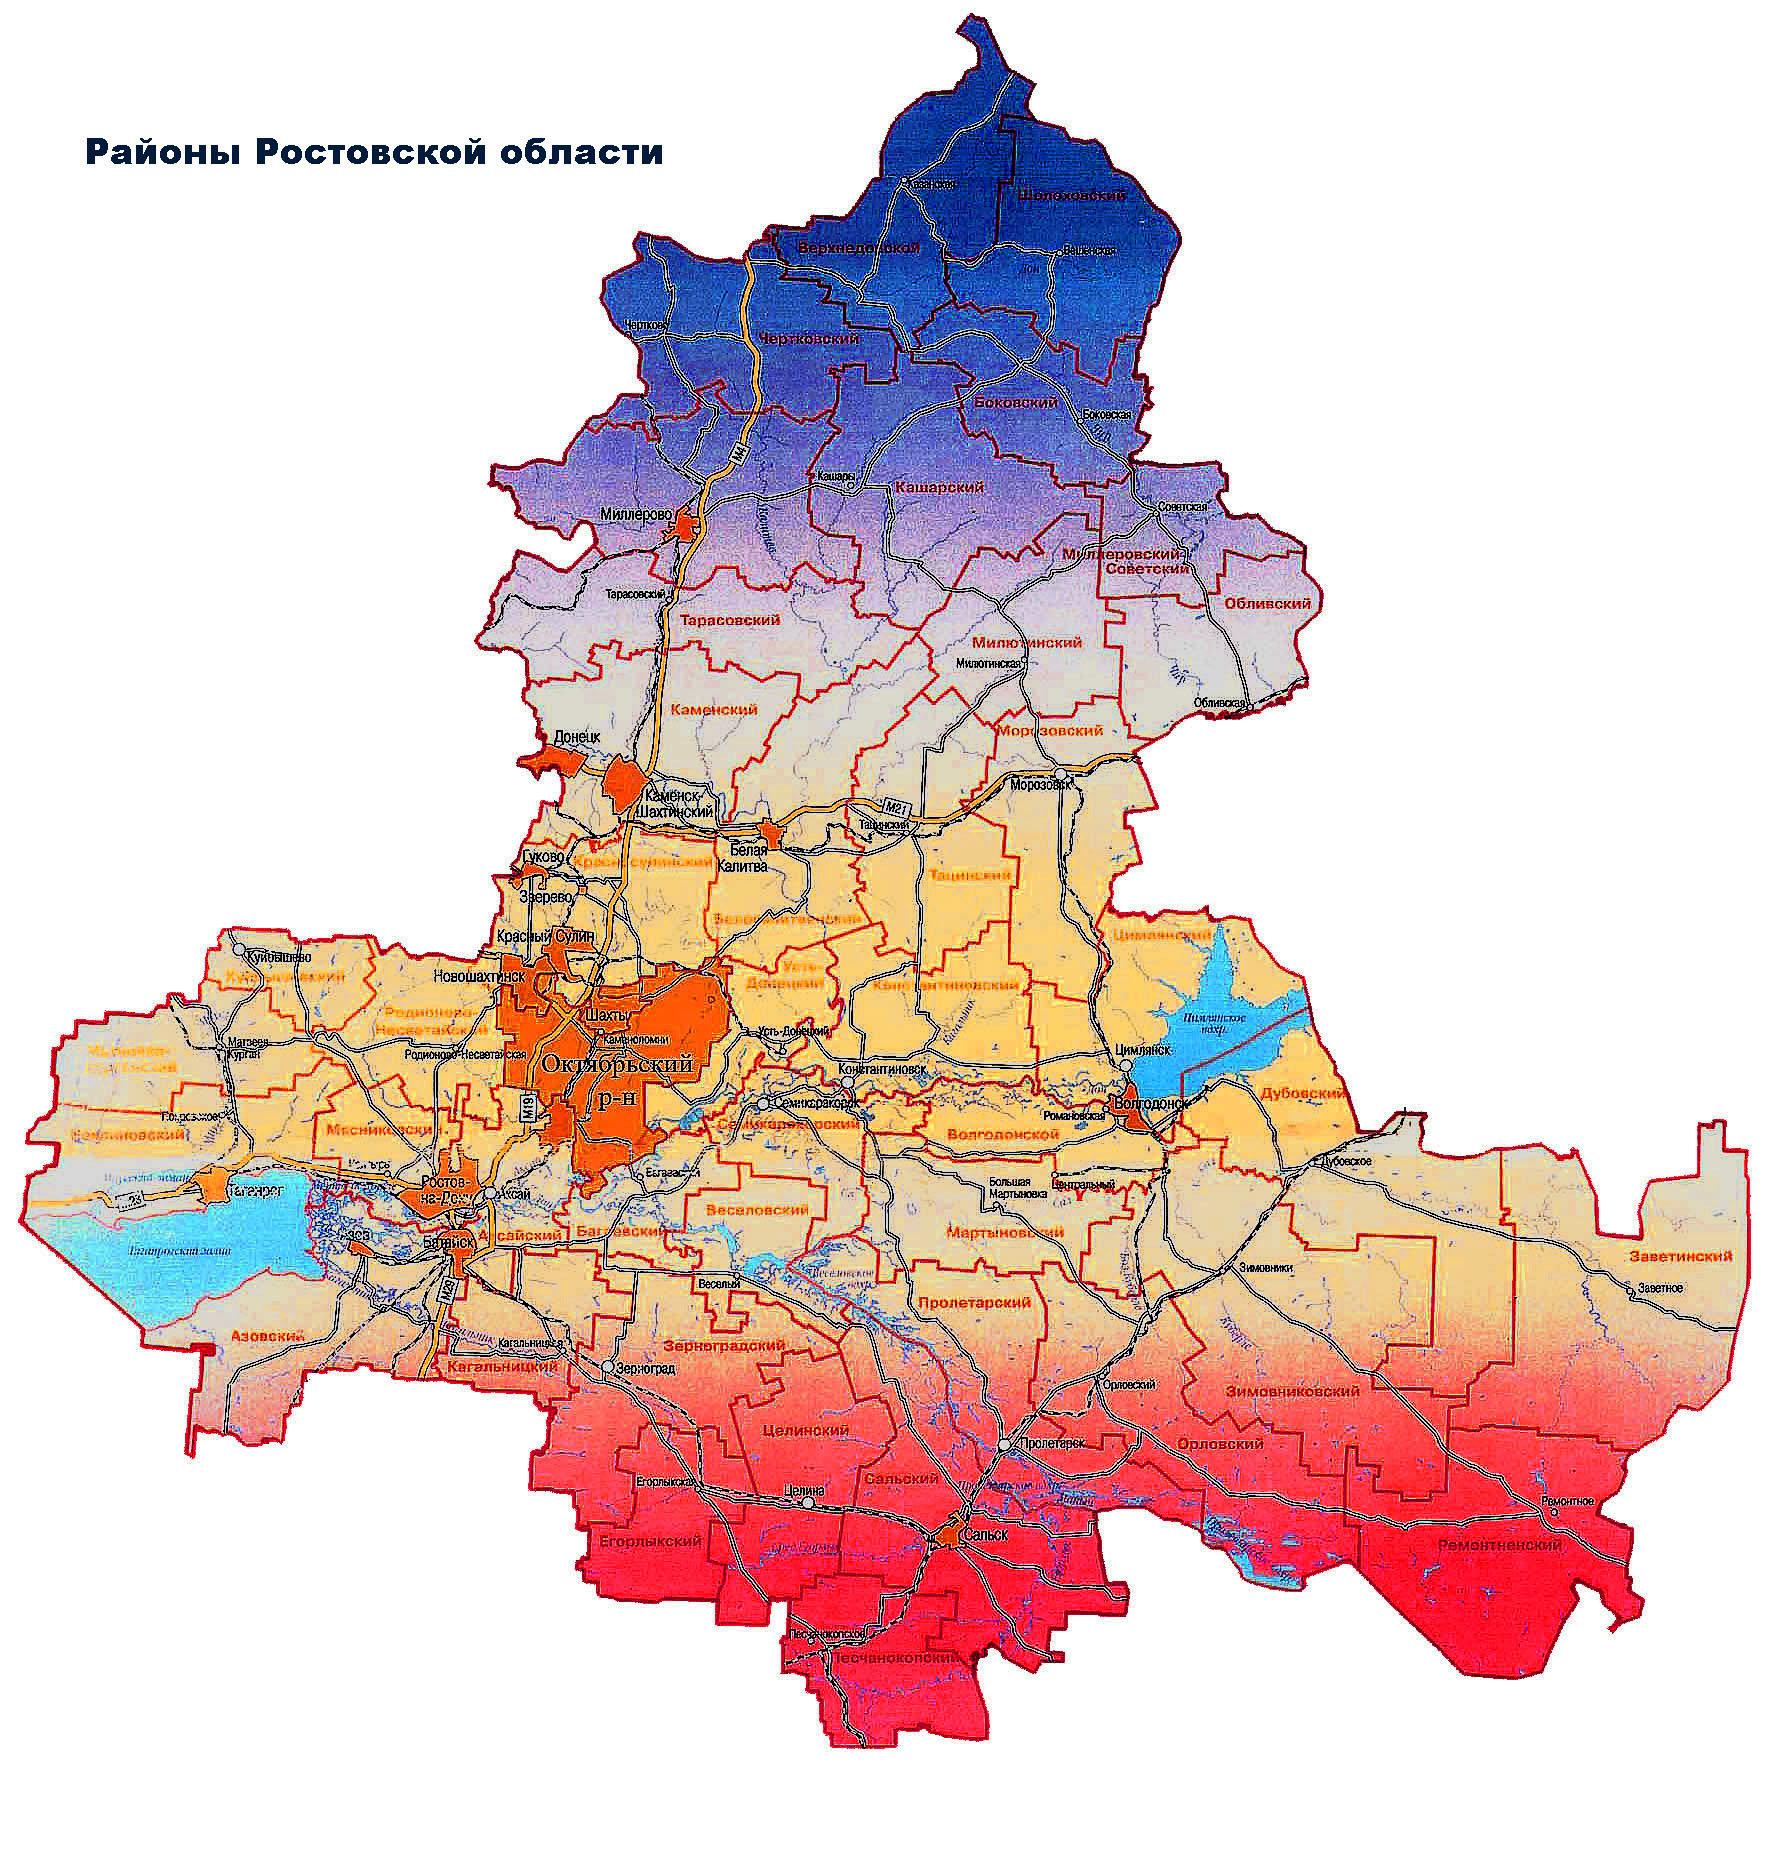 Карта Ростовской области по районам | Виртуальный туризм: http://virtune.ru/karta-rostovskoj-oblasti-po-rajonam/